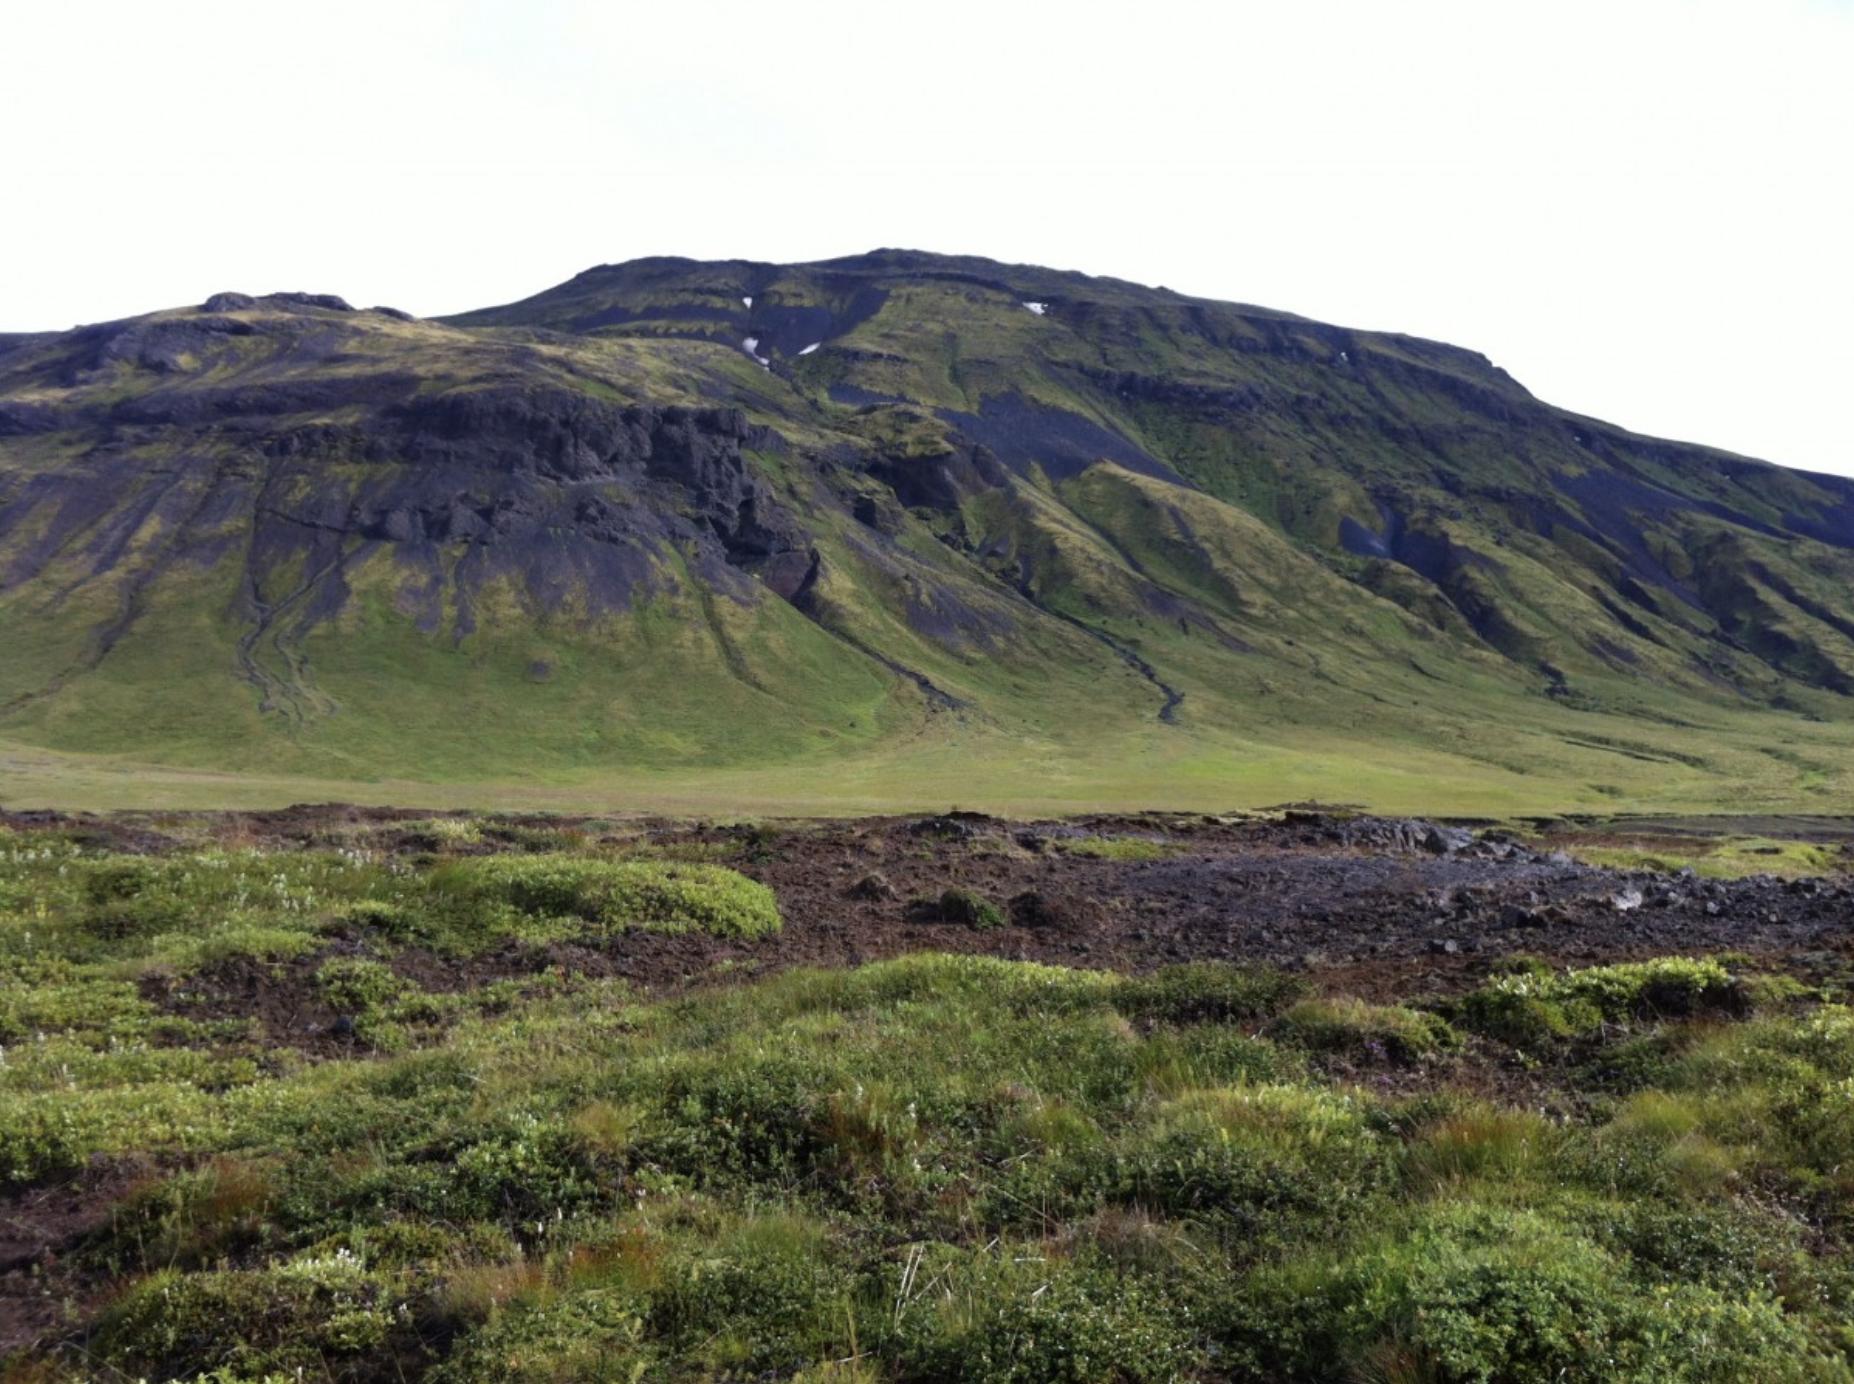 Tundra, Iceland, Icelandic, nature, vegetation, landscape